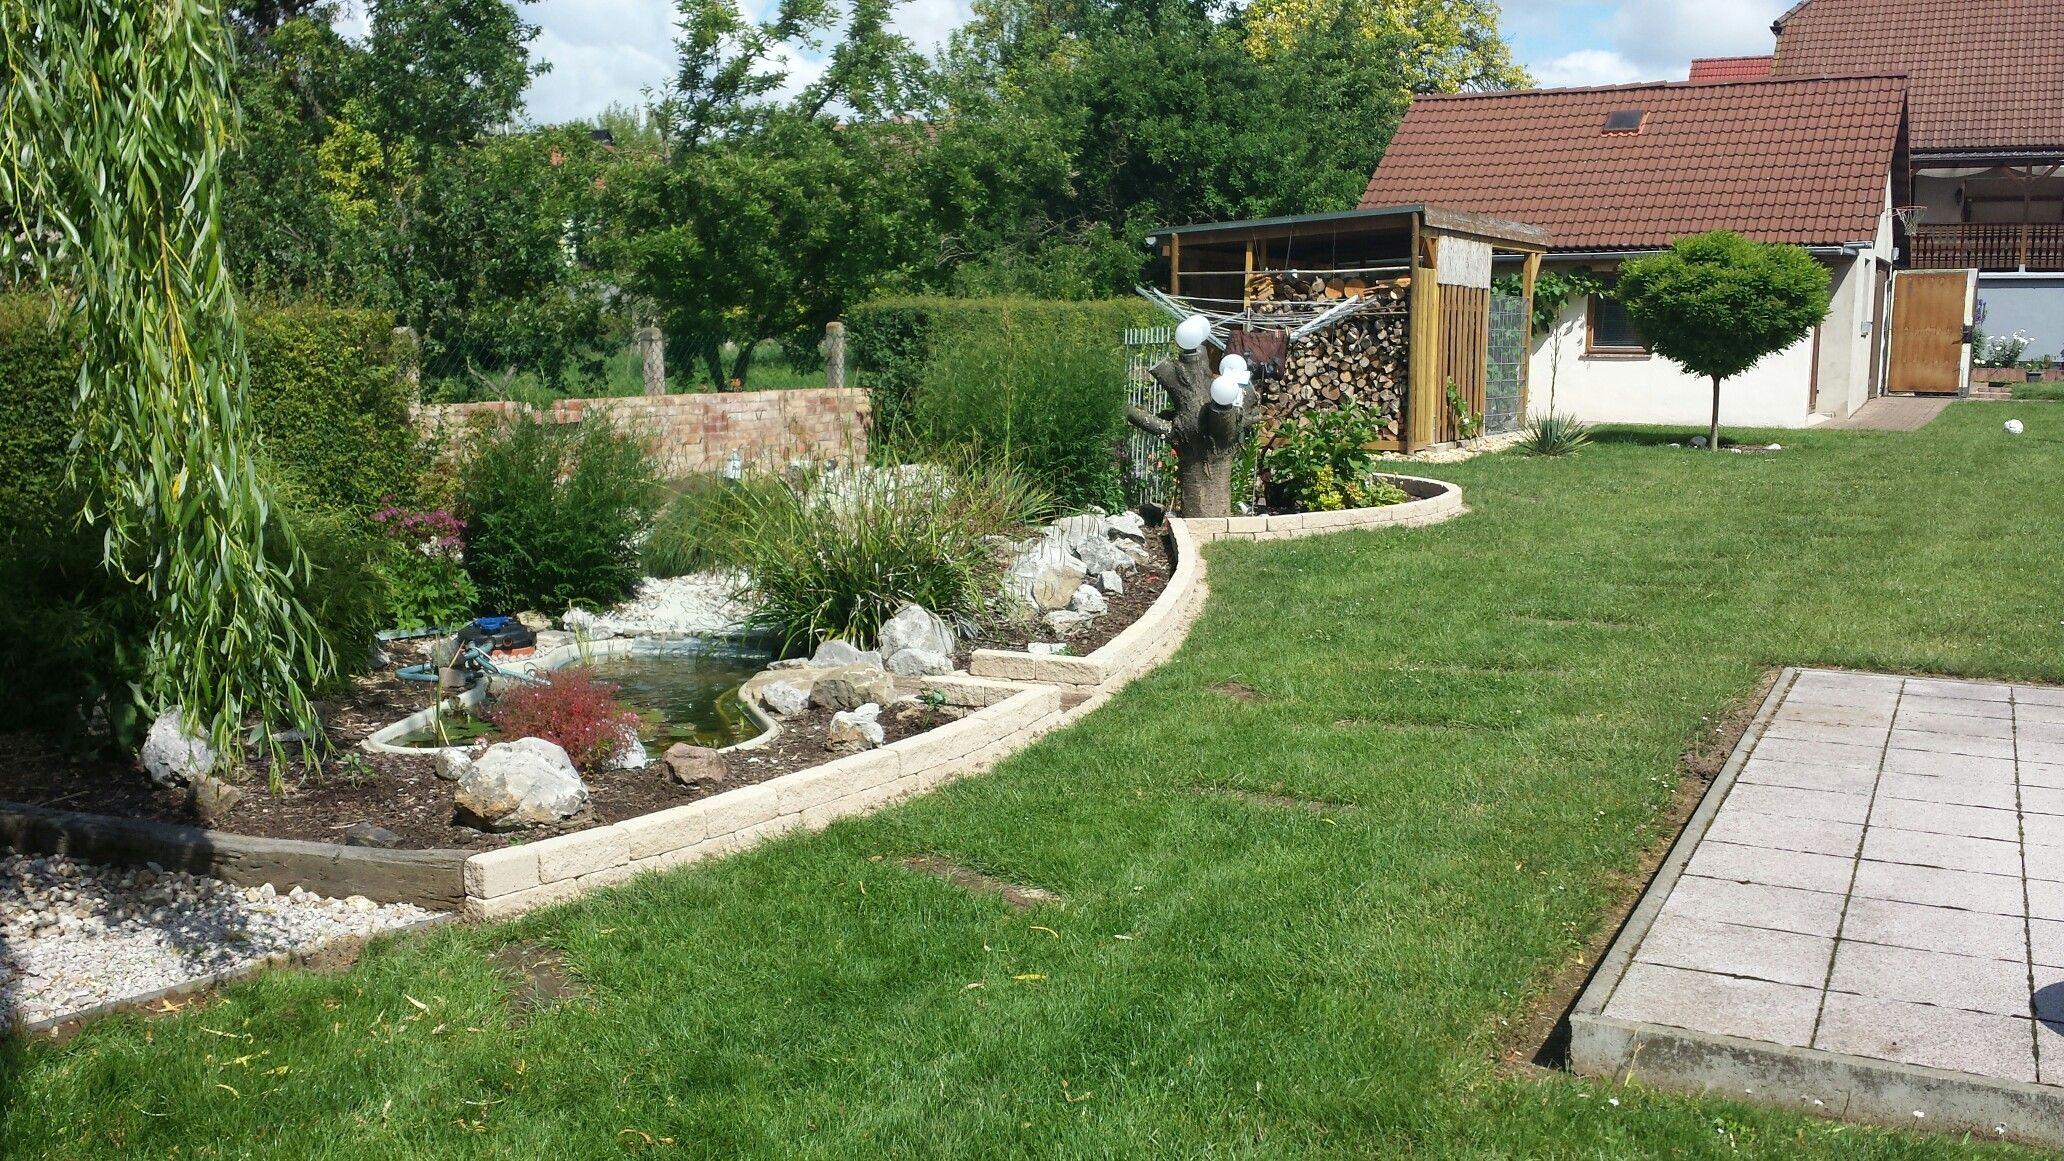 Teichbau  Teichbau | Gartengestaltung | Pinterest